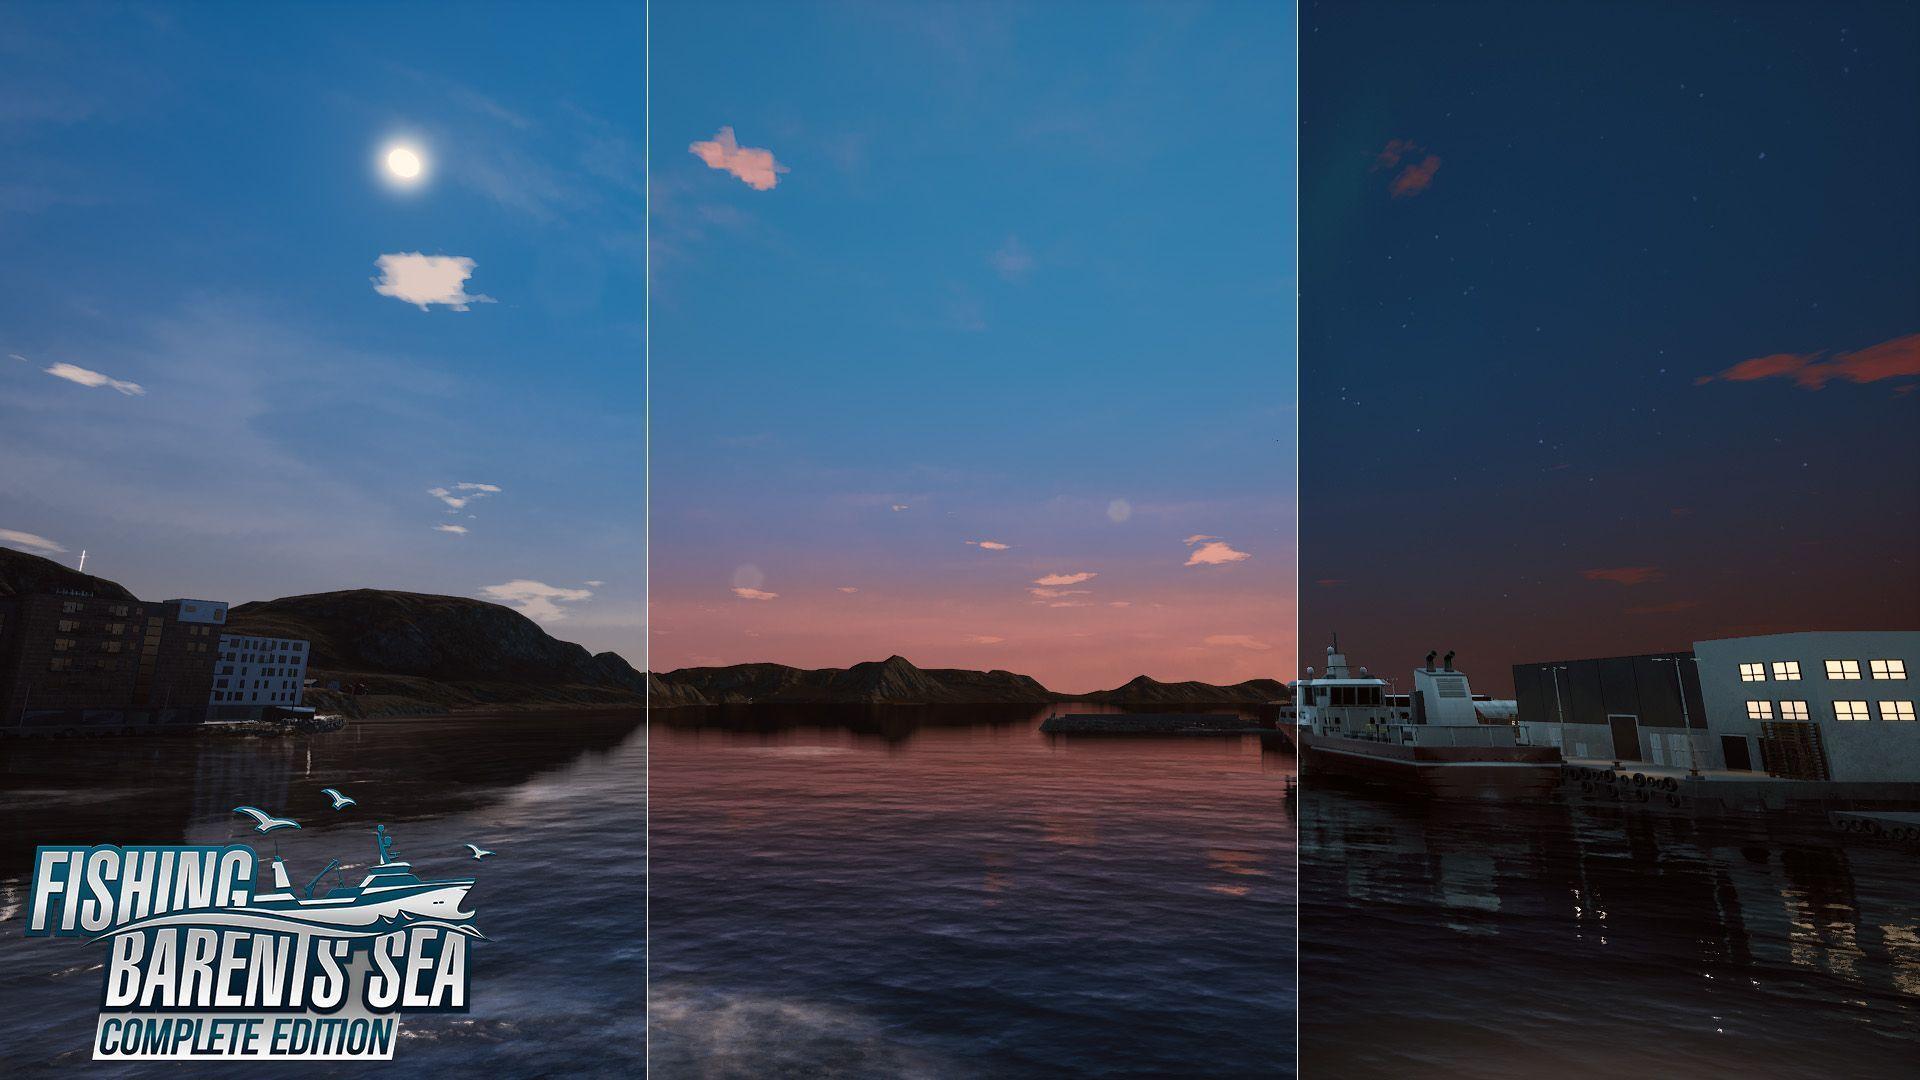 Fishing: Barents Sea – Ciclos diurno e noturno estarão disponíveis